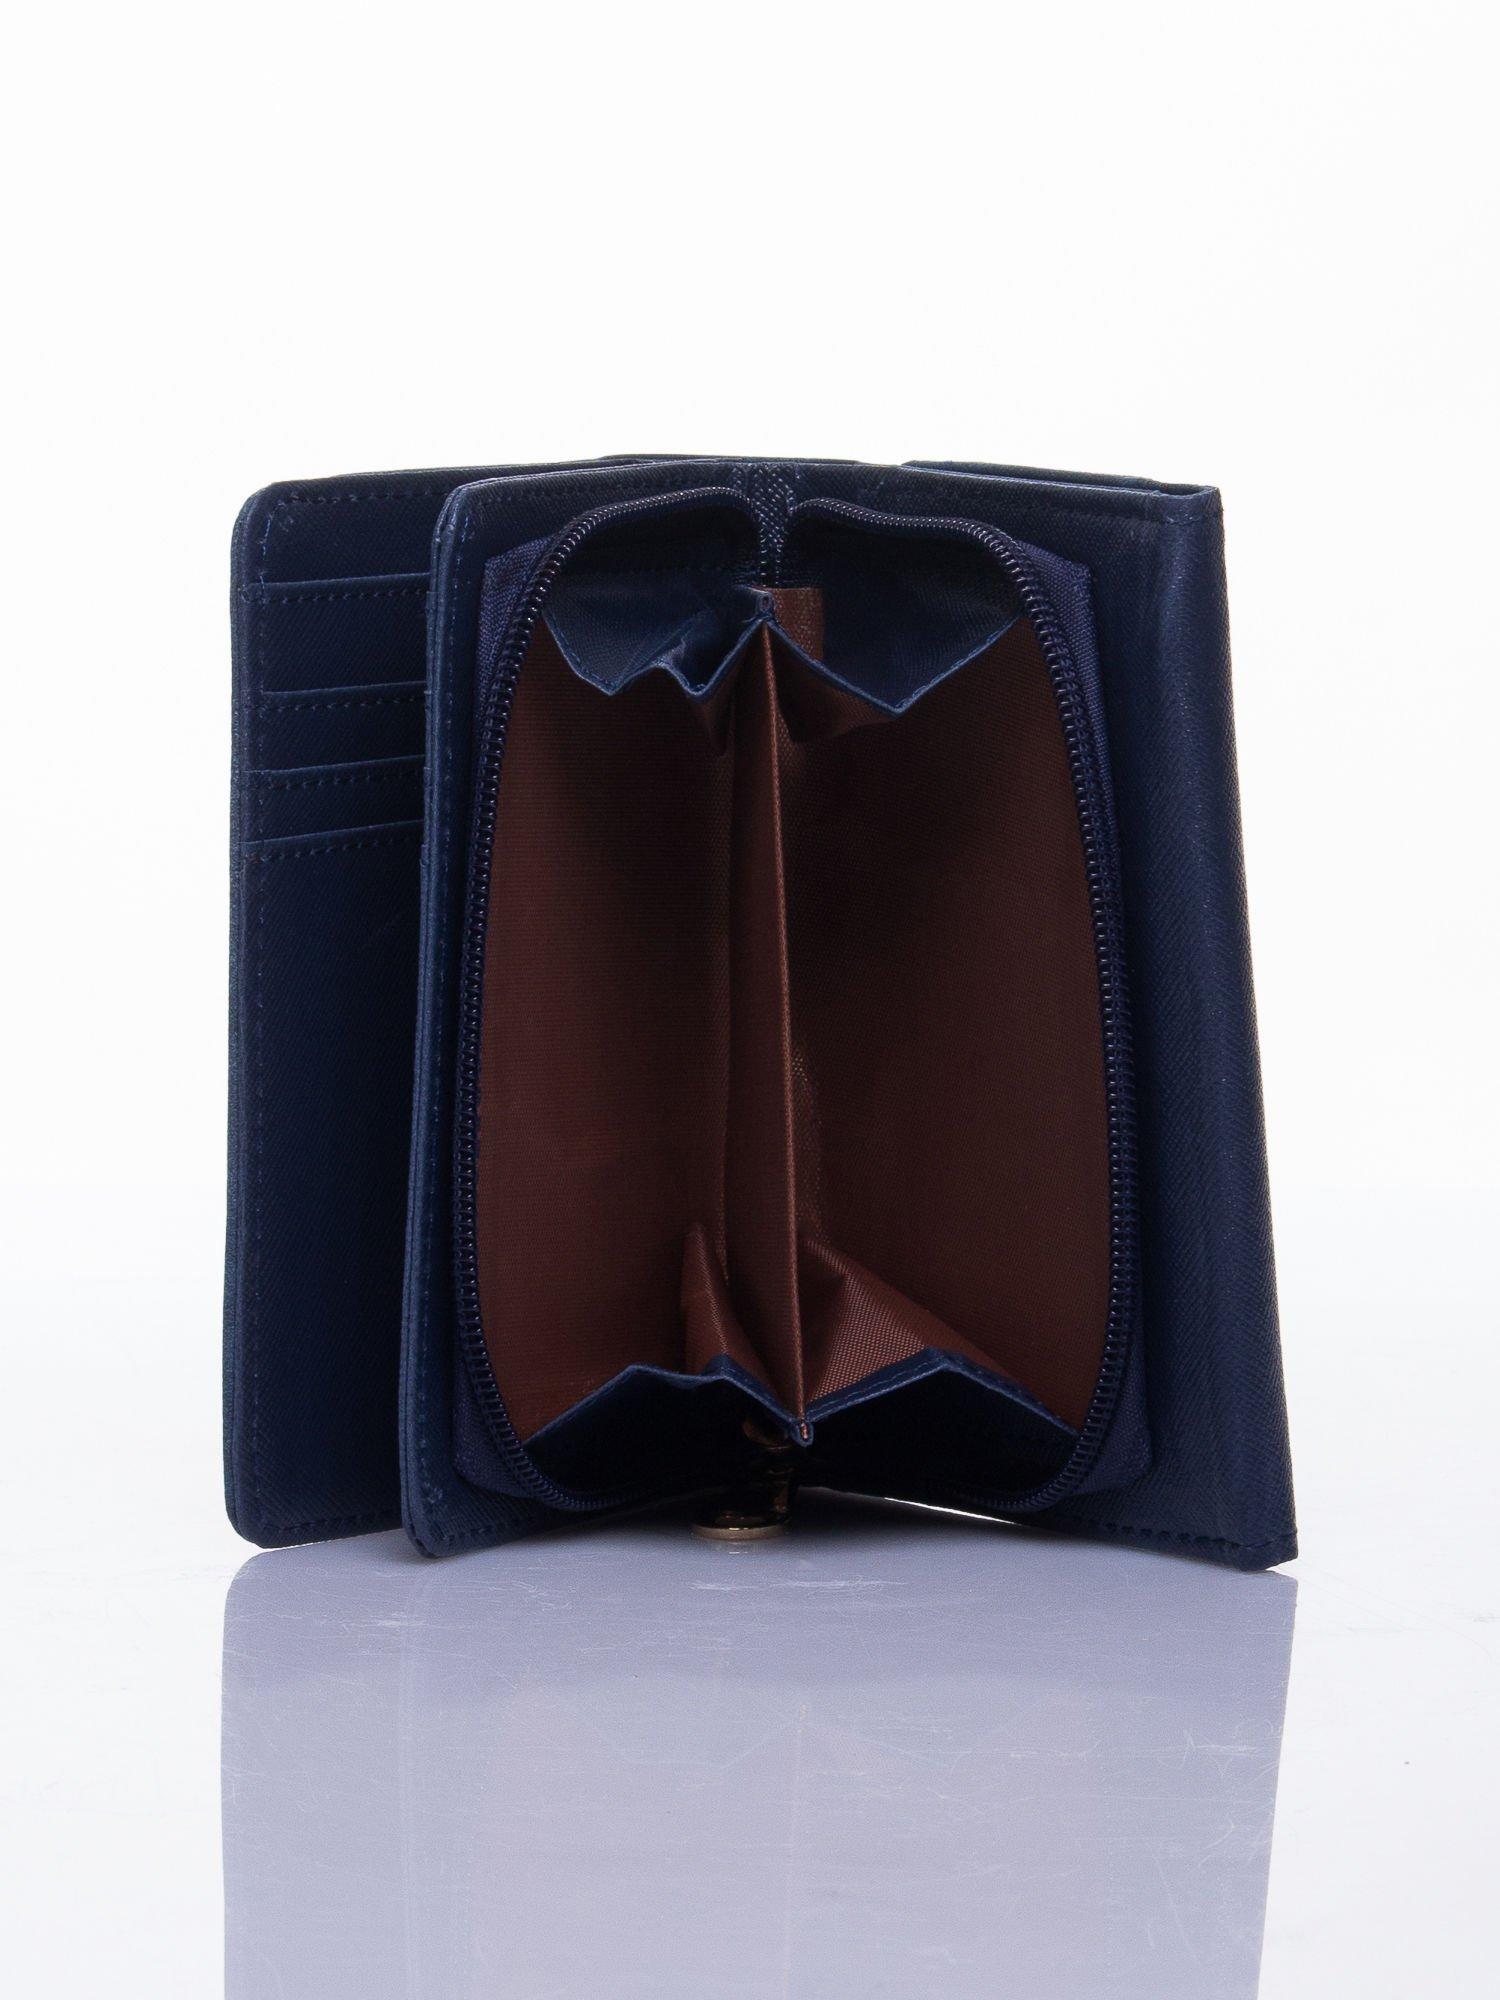 Niebieski ażurowany portfel ze złotym zapięciem                                  zdj.                                  4